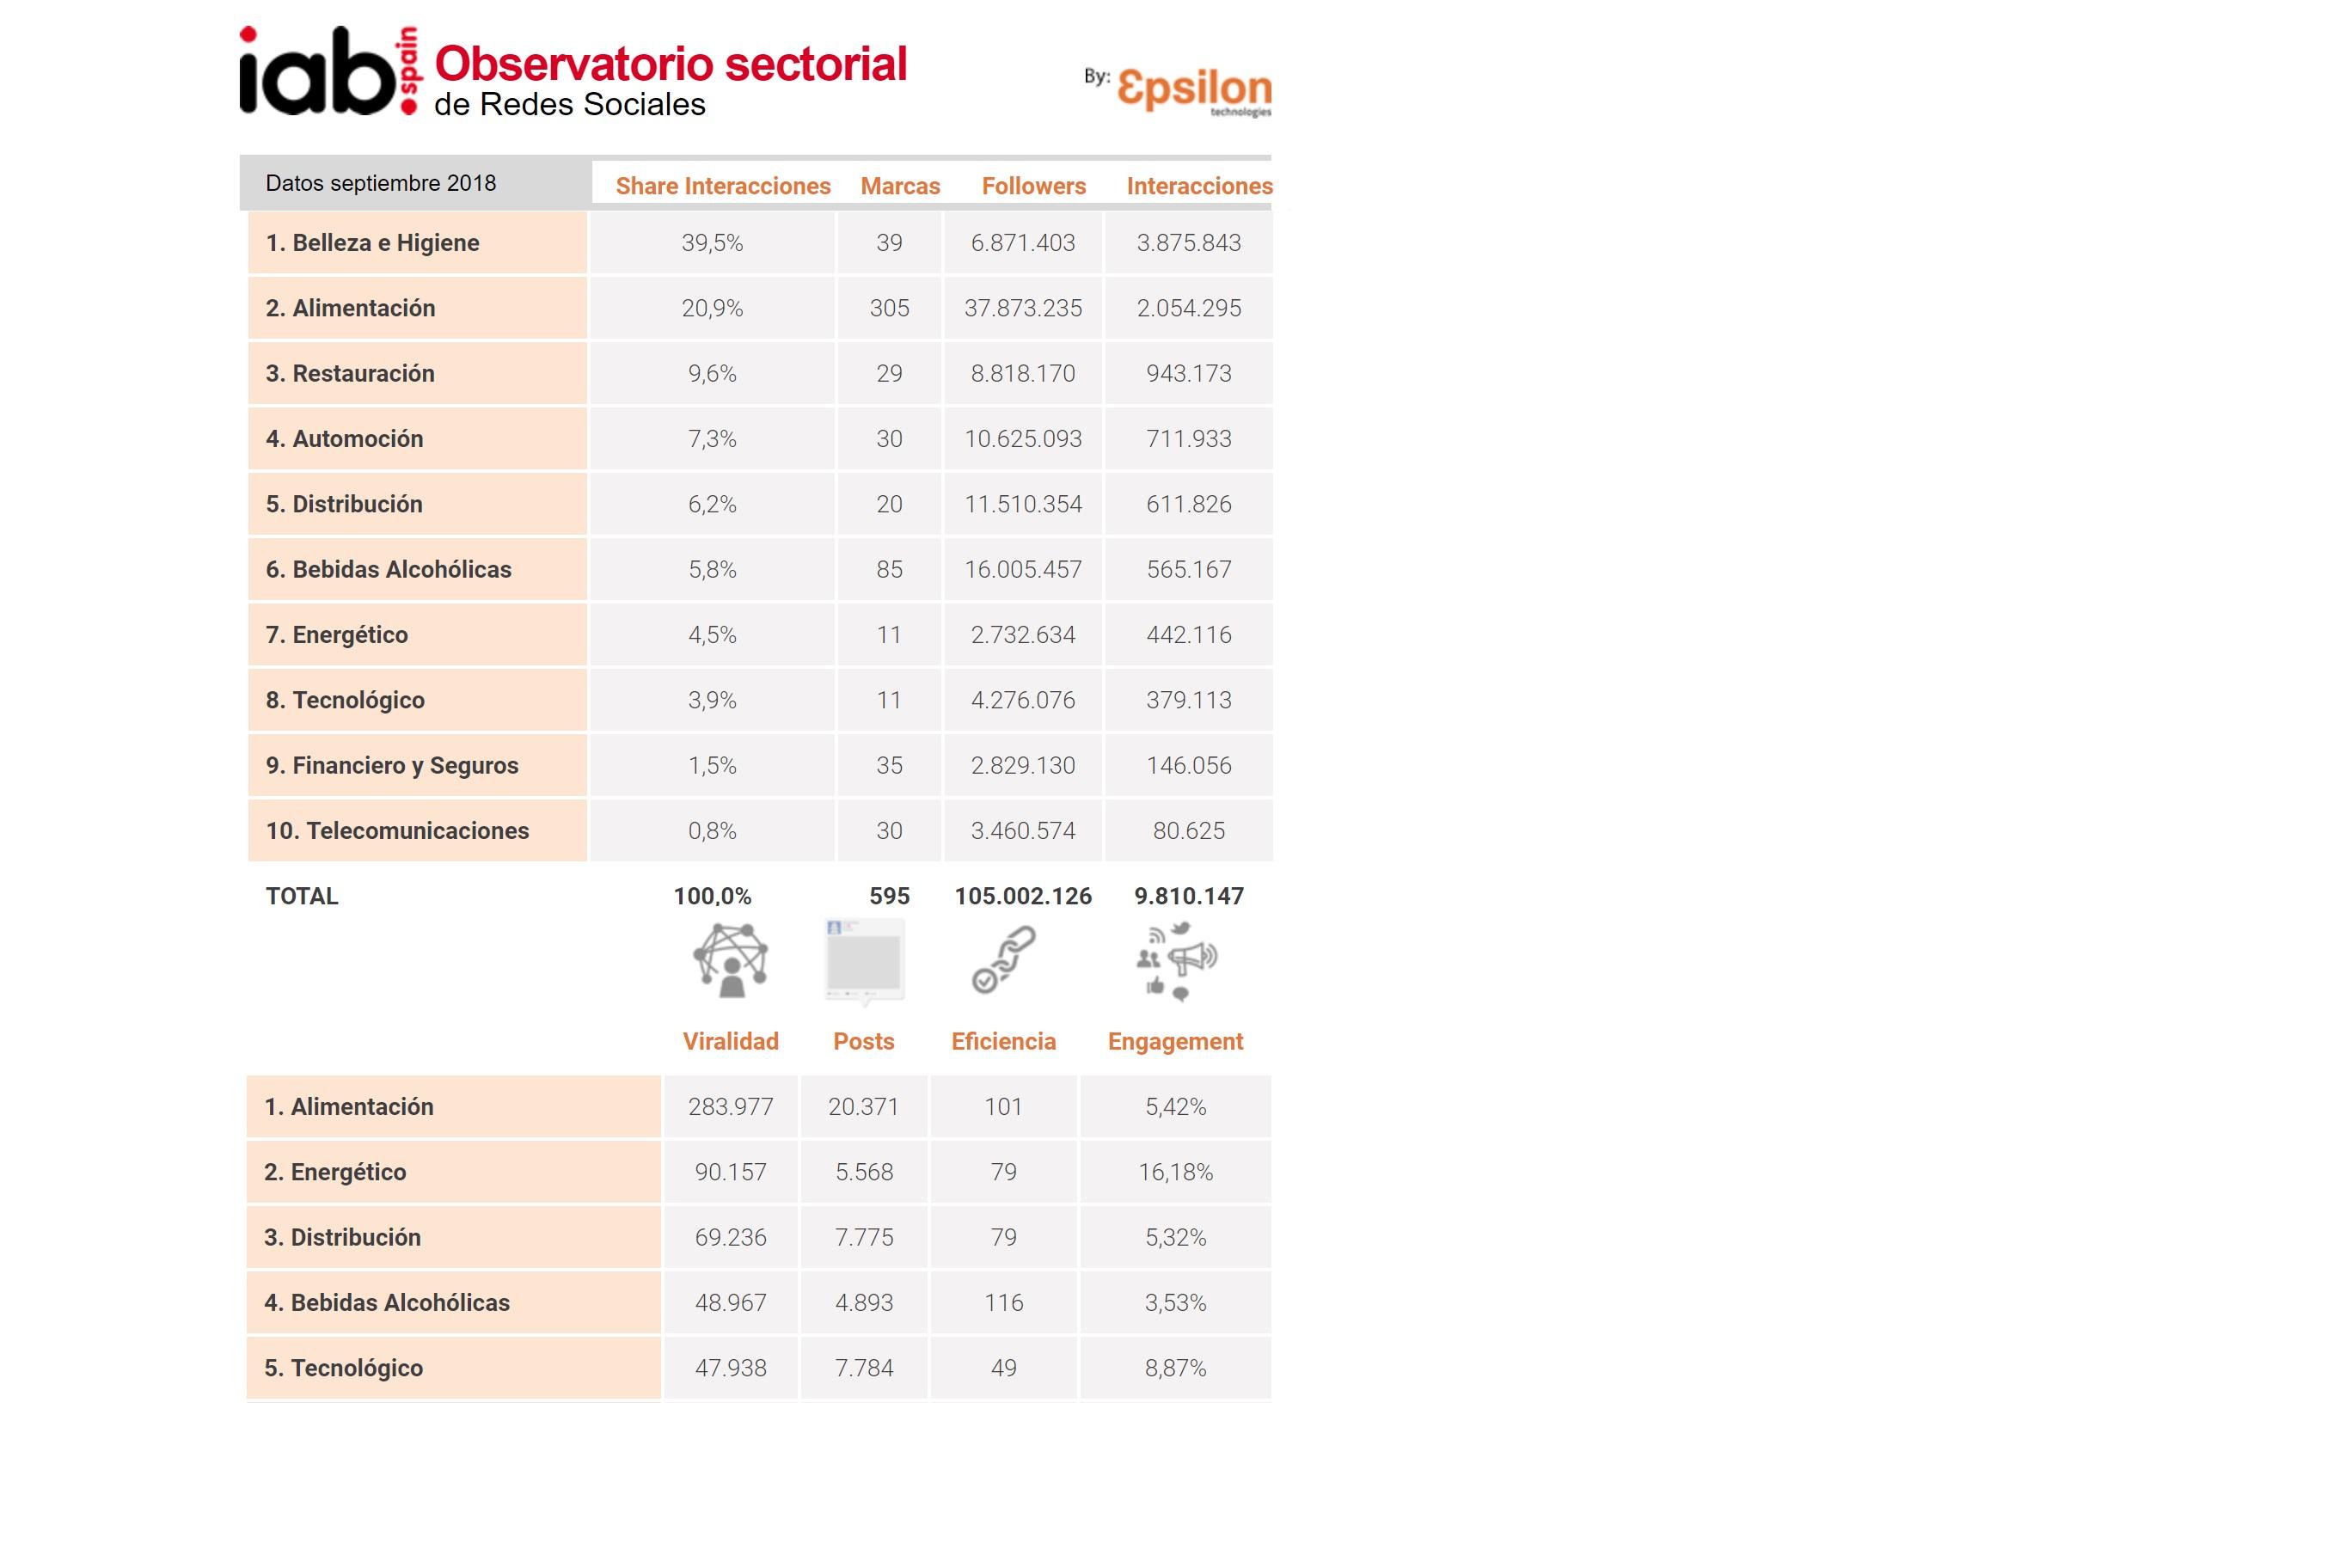 http://www.programapublicidad.com/wp-content/uploads/2018/11/observatorio-septiembre-sectores-redes-sociales-iab-programapublicidad-muy-grande.-1.jpg